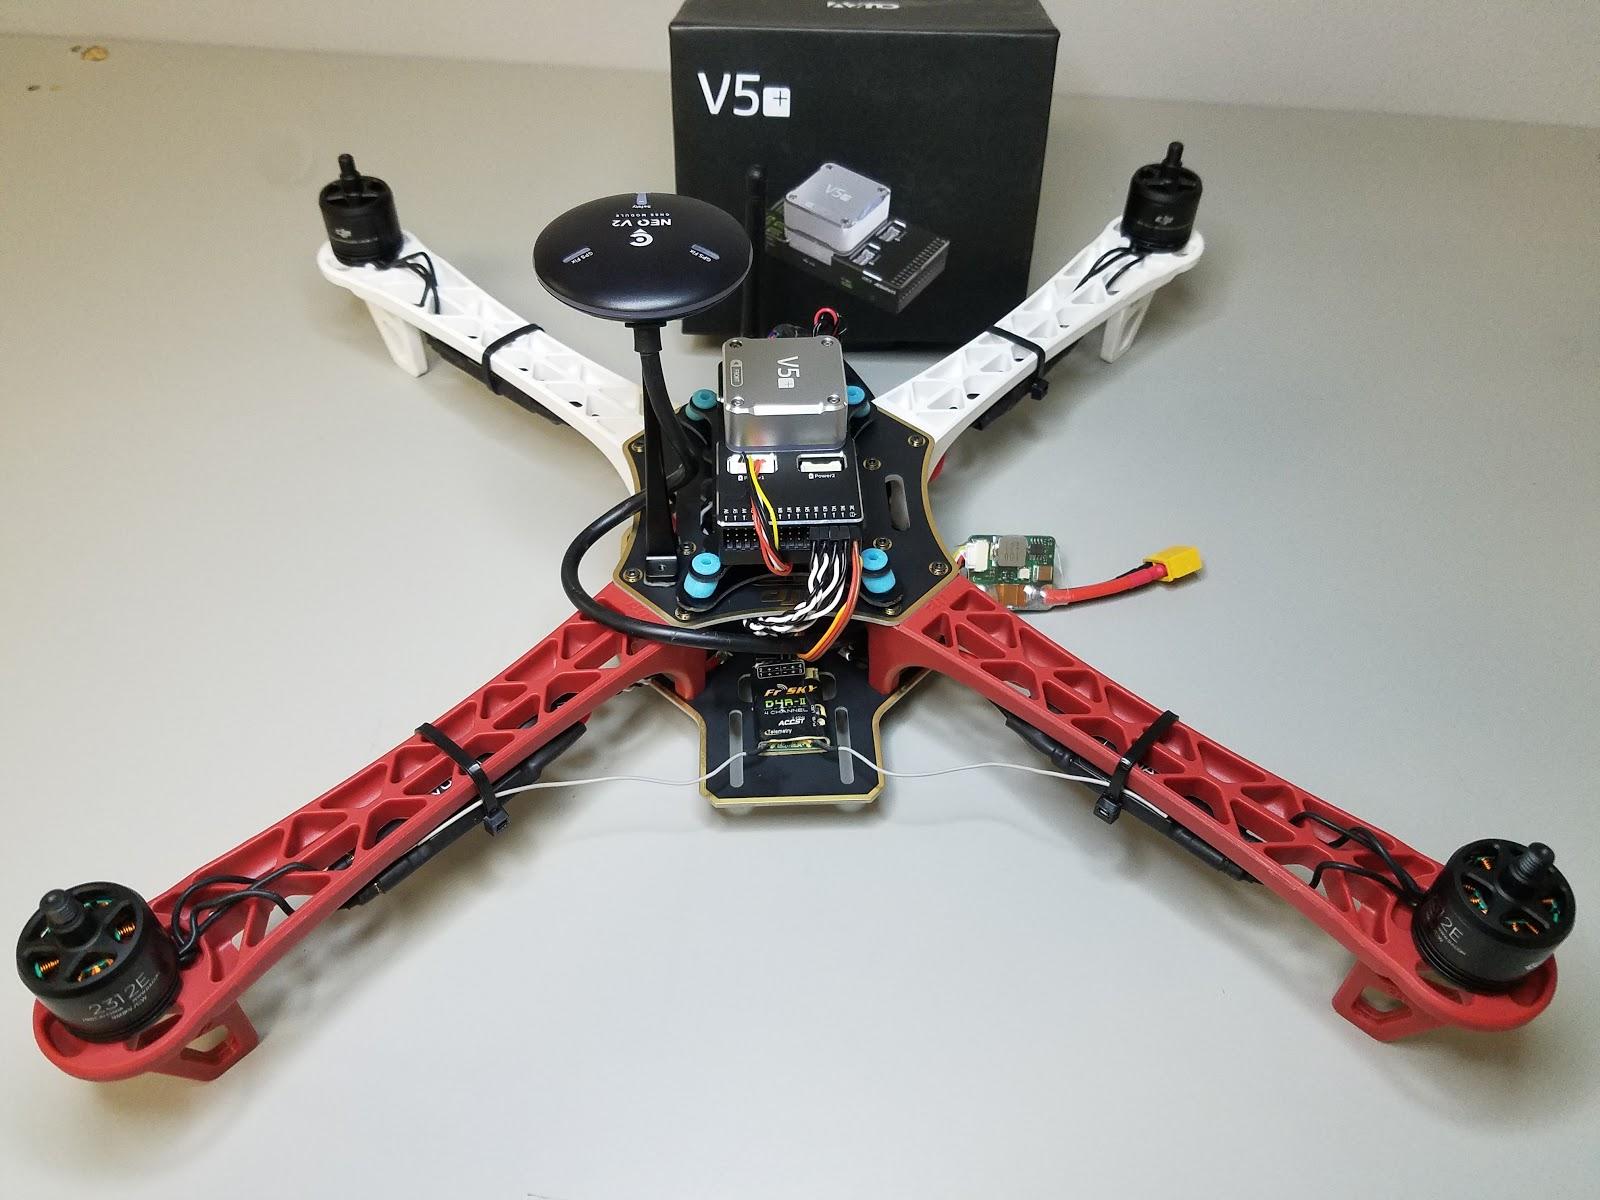 dji f450 assembly instructions